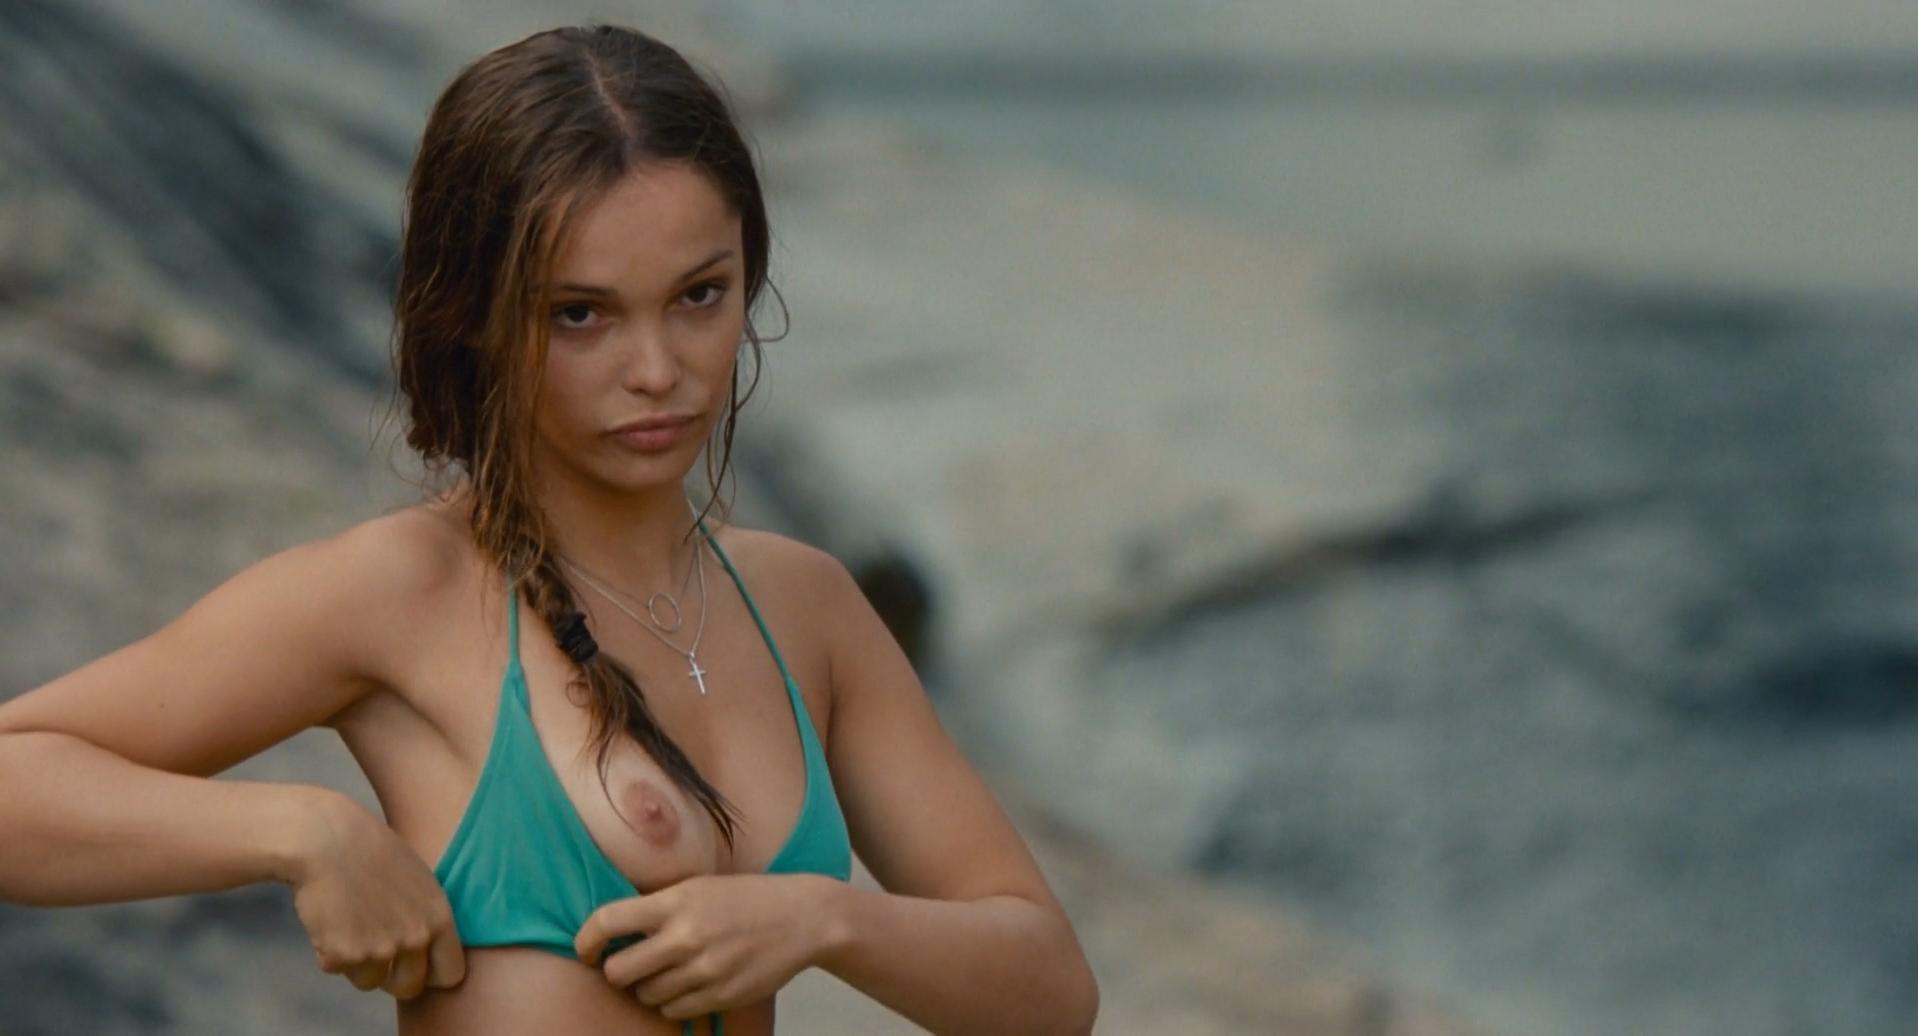 d sex sexy sex